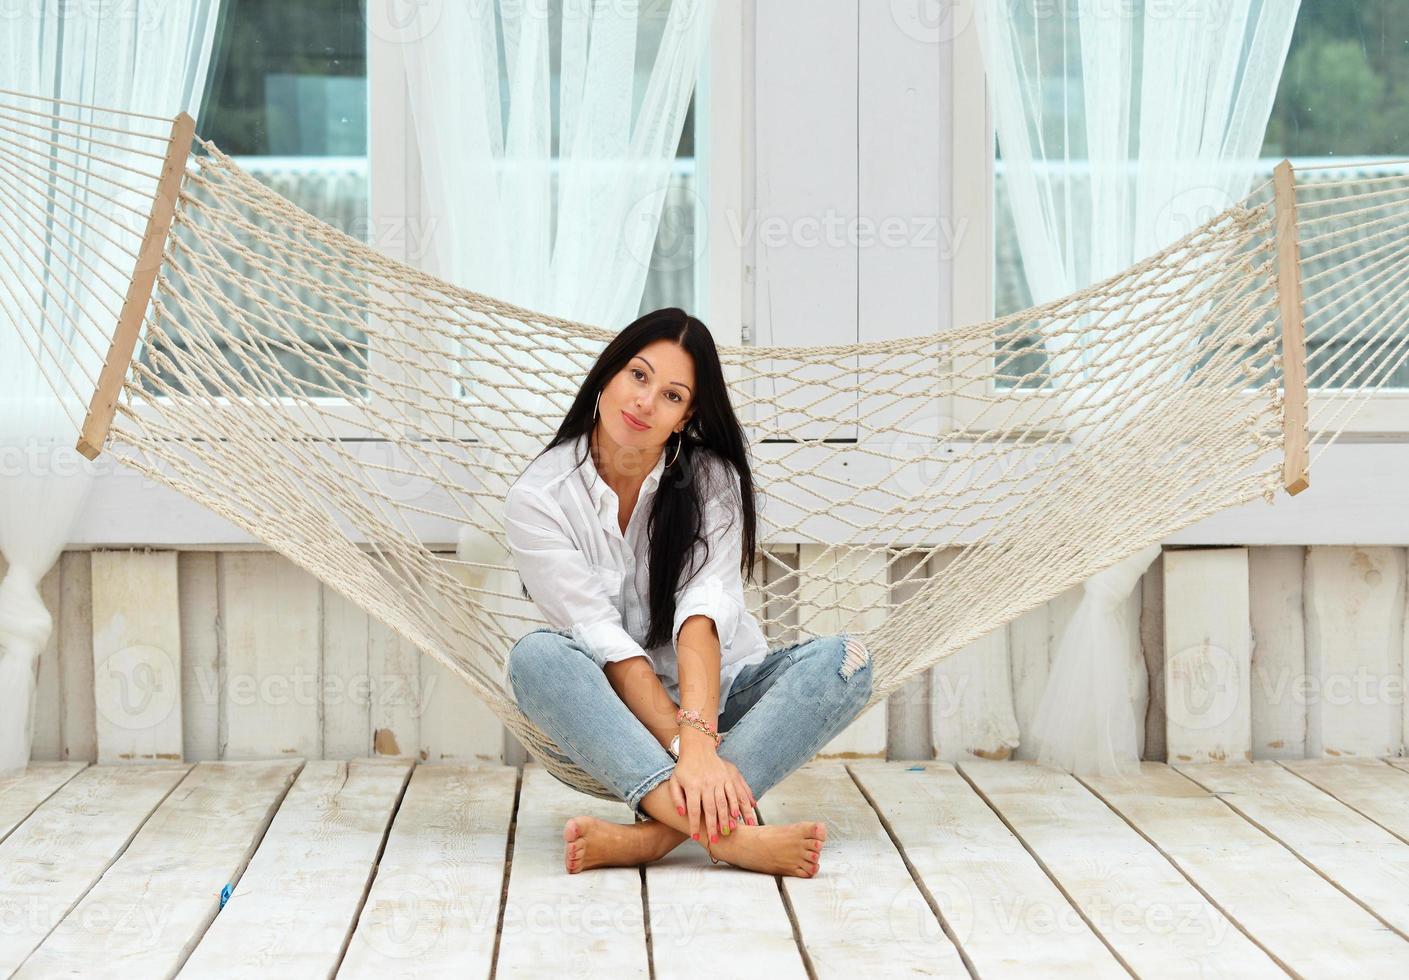 hermosa mujer joven sonriente relajante en hamaca en casa foto